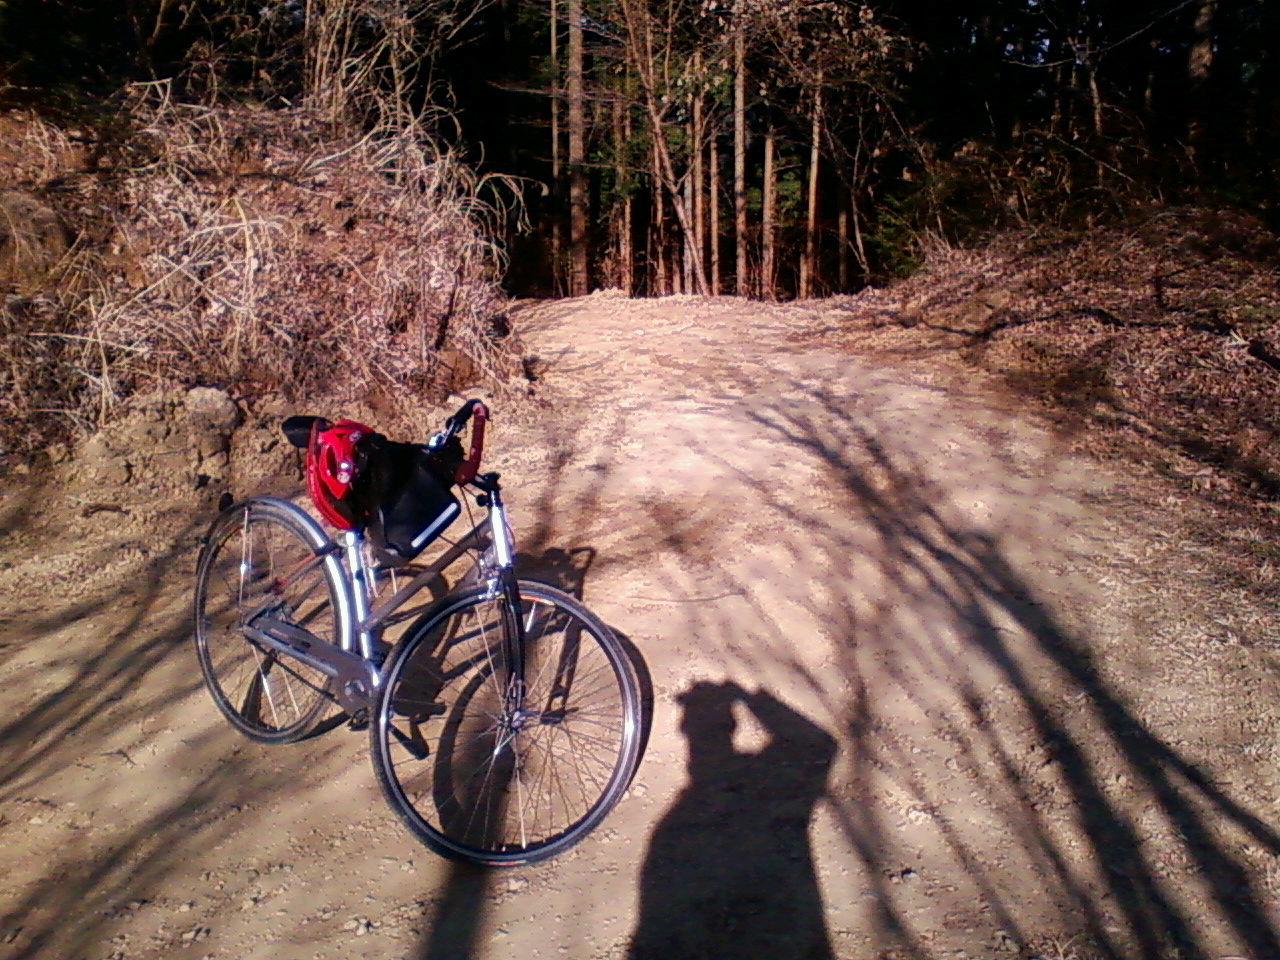 日の出登山道から焼き岩林道へ